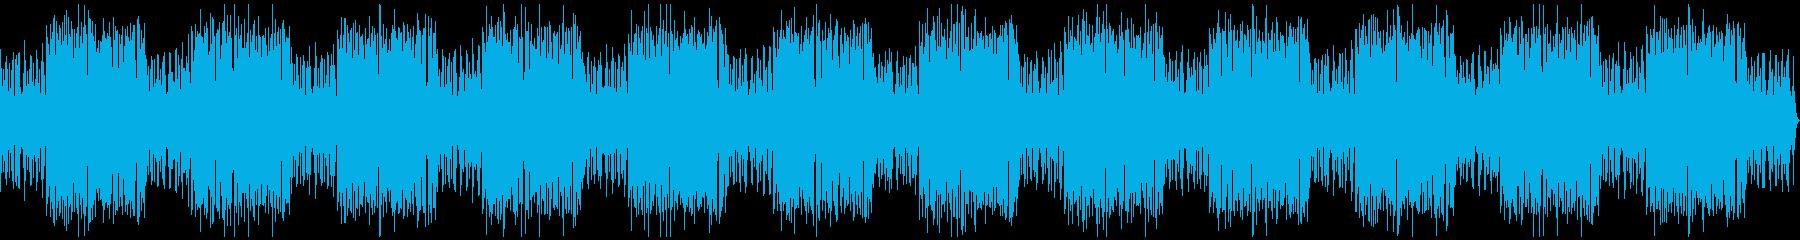 ローファイ、チルアウト、YouTubeの再生済みの波形